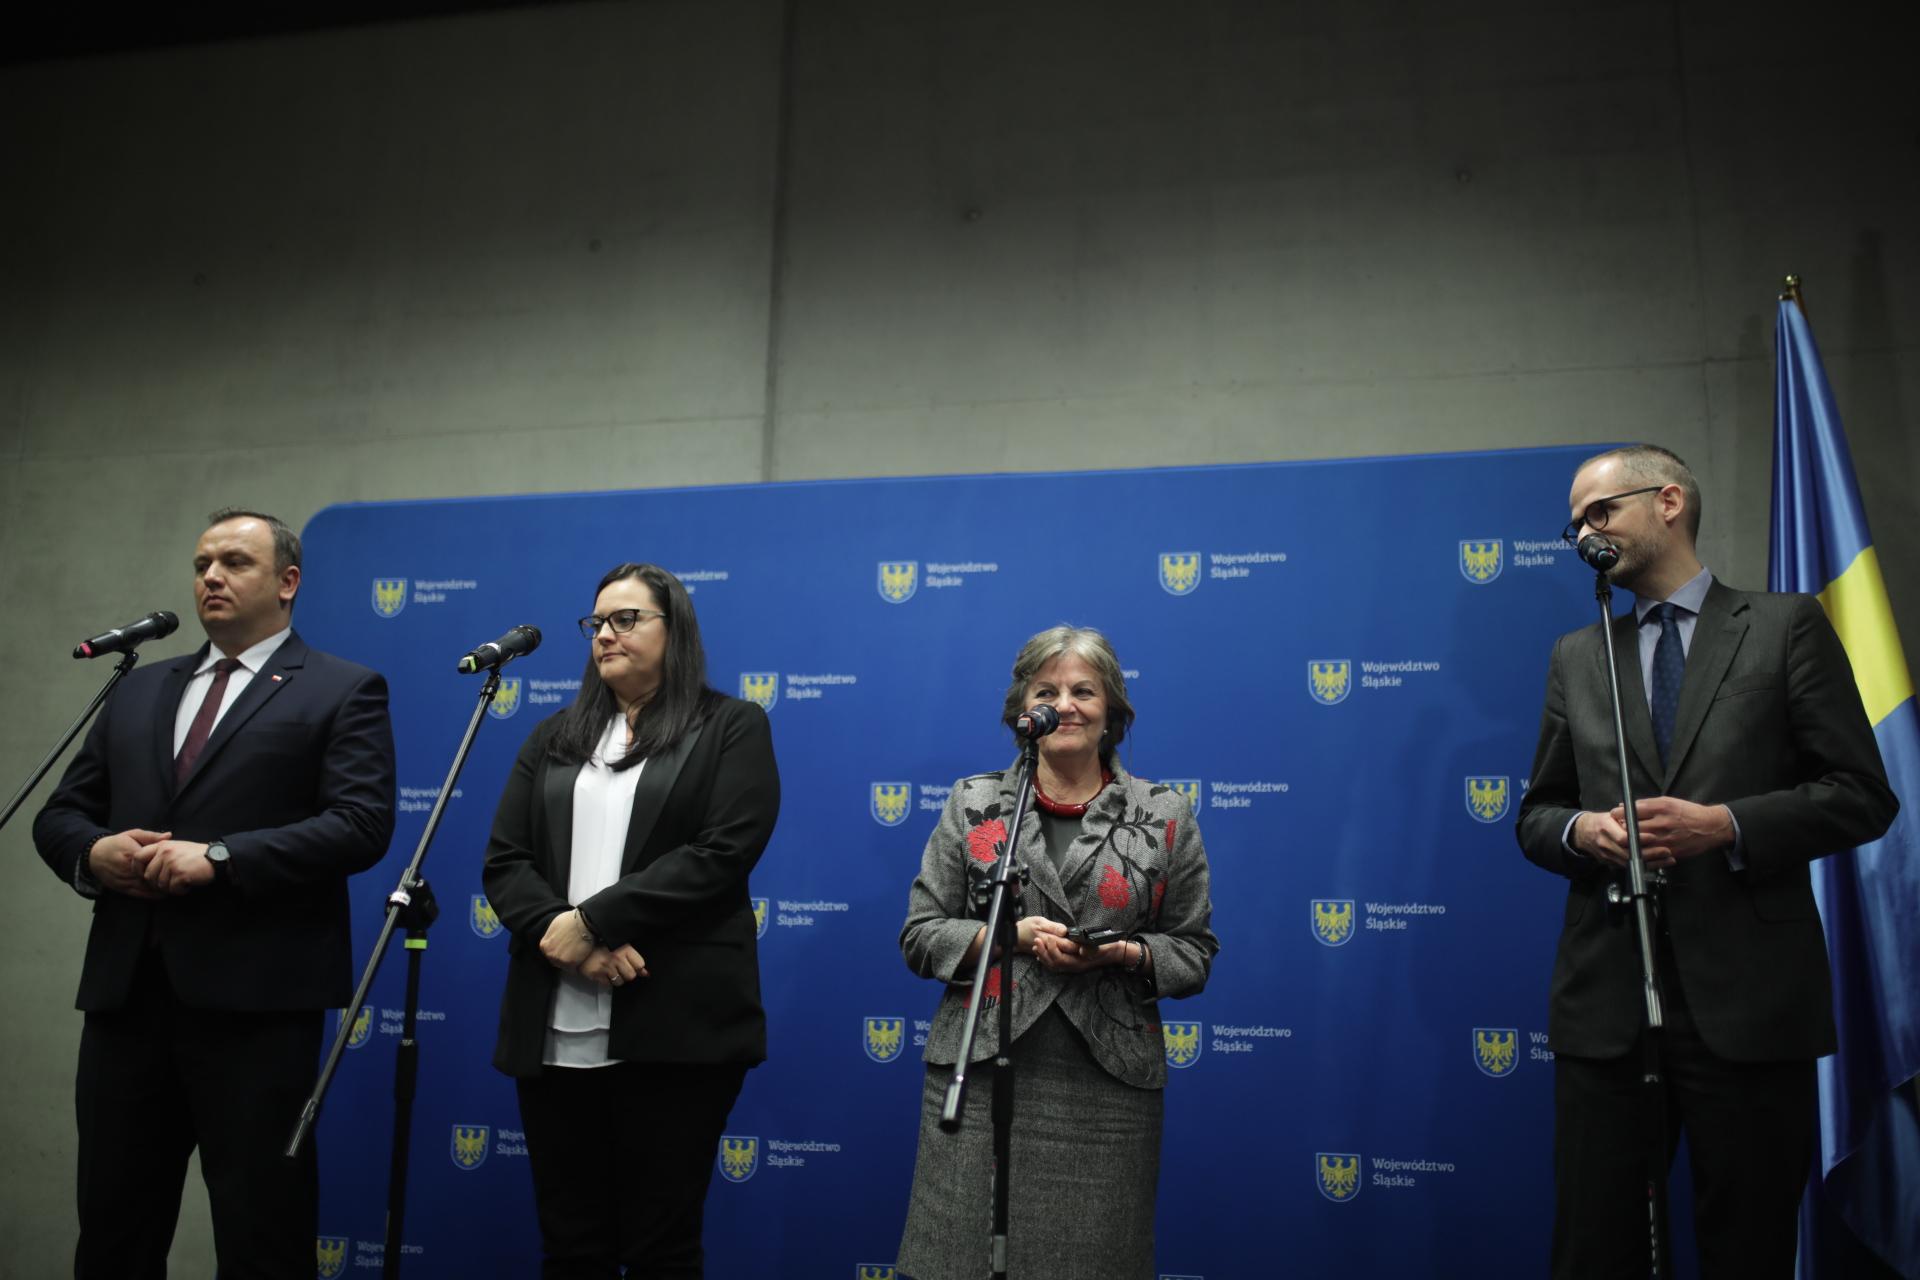 Na tle niebieskiej ścianki stoją przed mikrofonami dwie kobiety i dwóch mężczyzn.